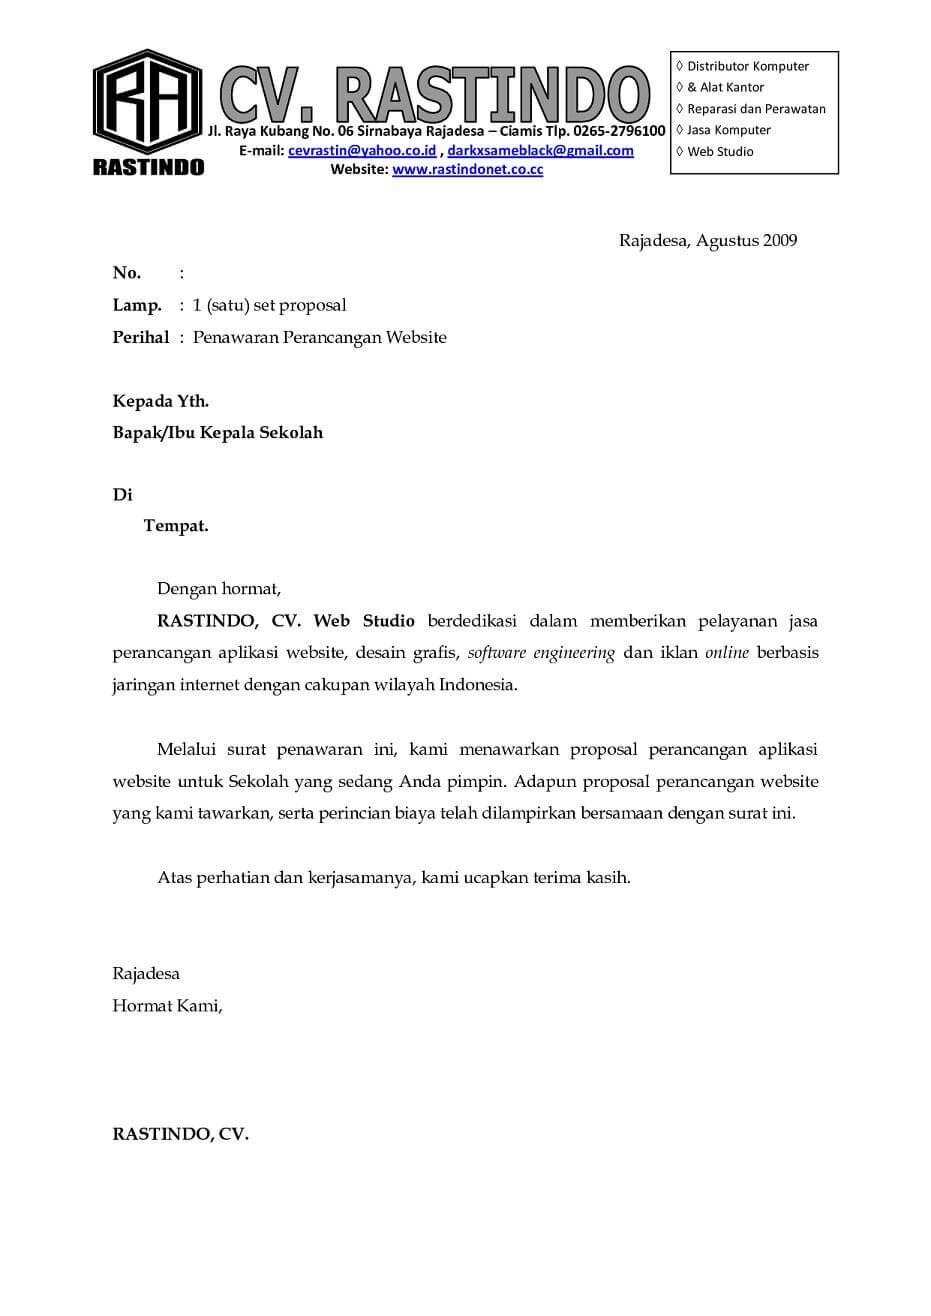 contoh surat penawaran kerjasama perusahaan